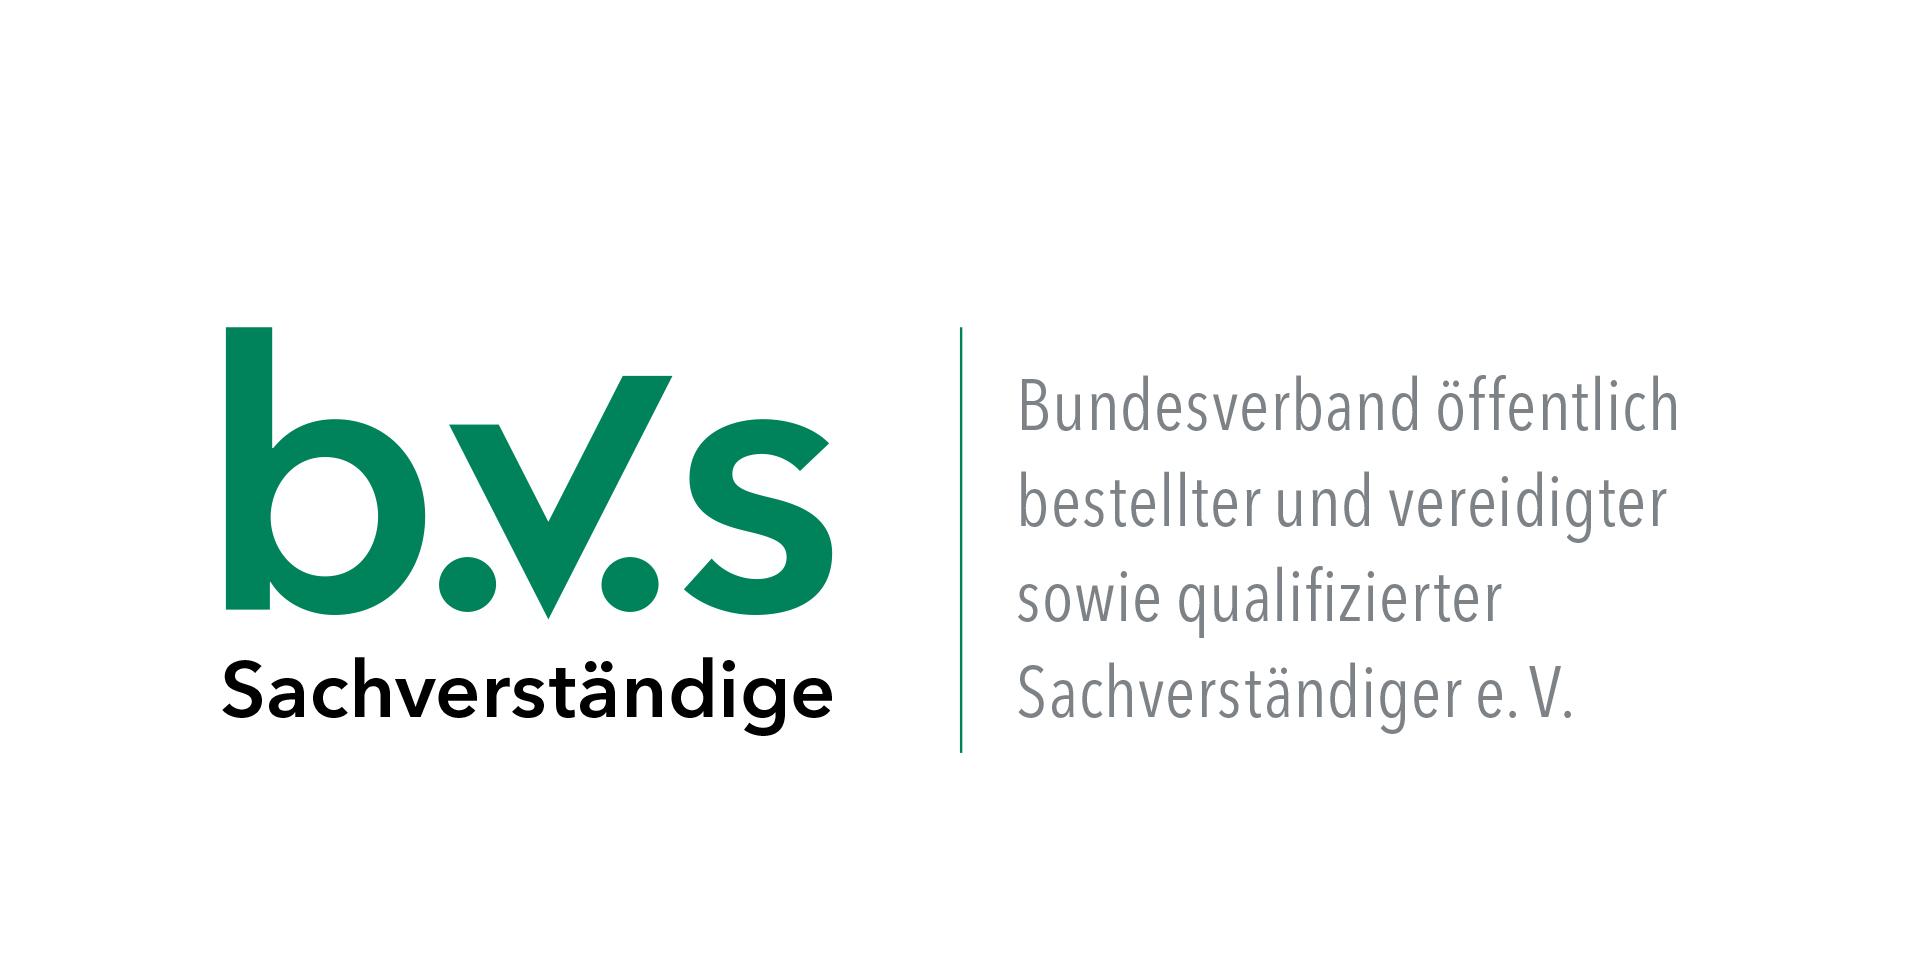 B.V.S Bundesverband öffentlich bestellter und vereidigter sowie qualifizierter Sachverständiger